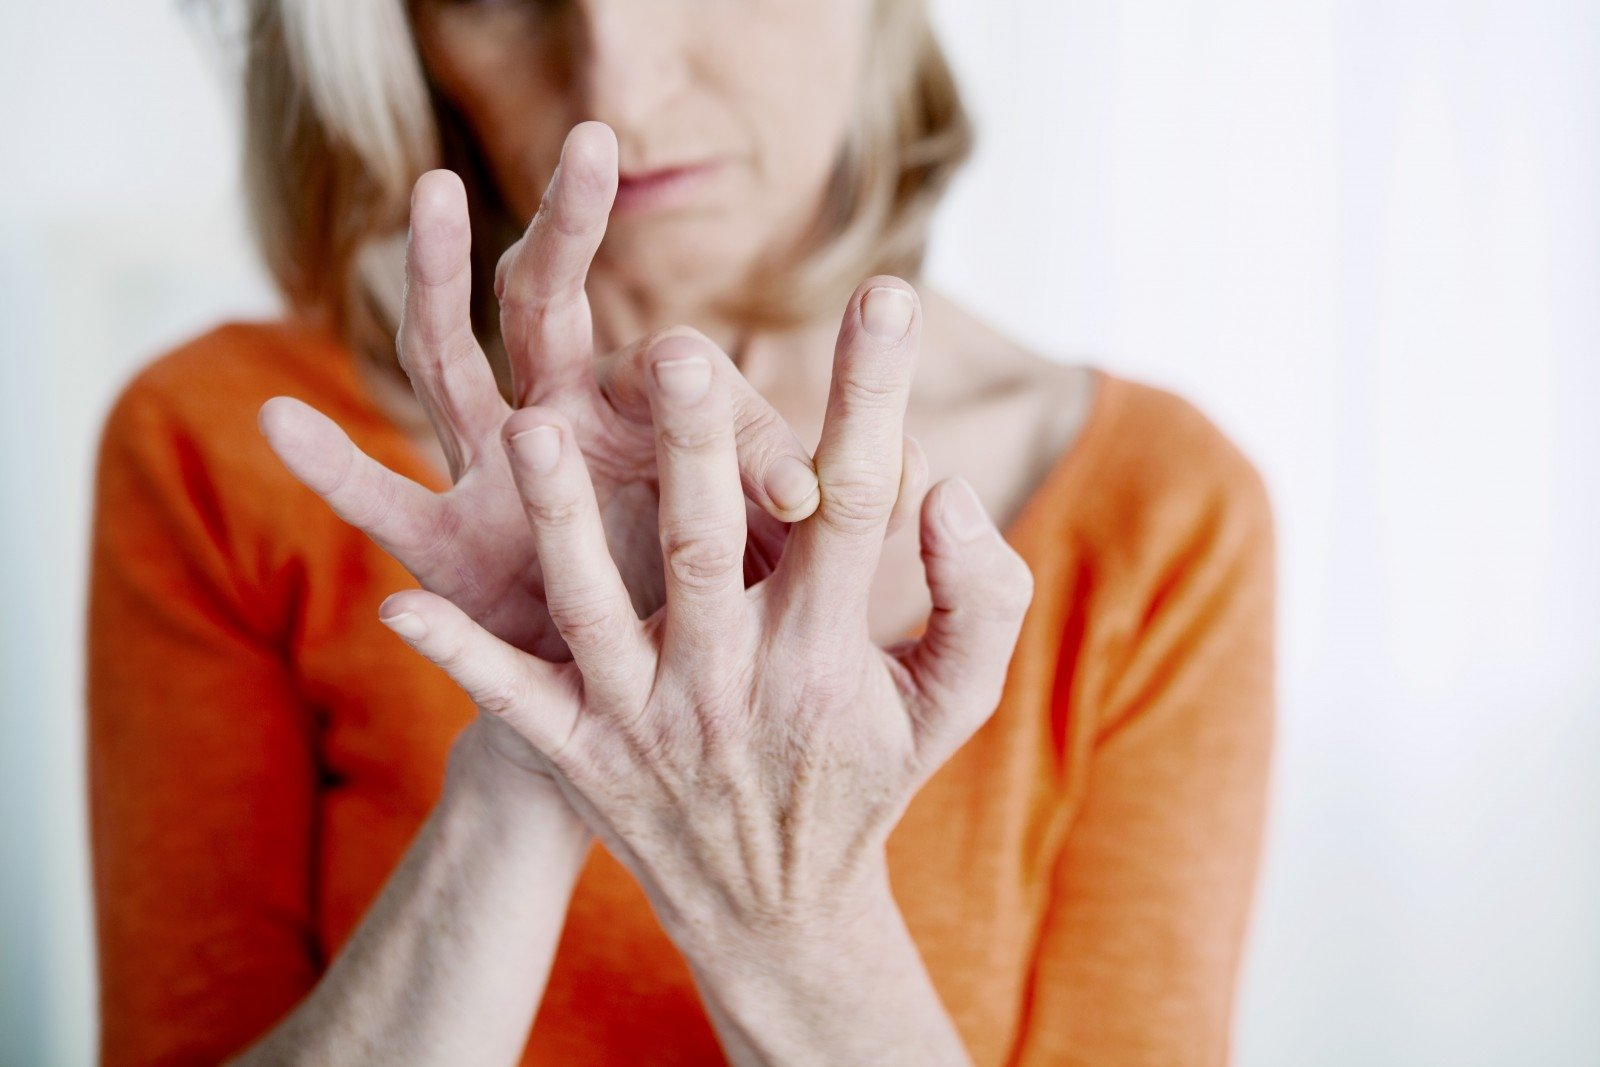 sąnarių liga sukelia ranką skauda sąnarį žurnale